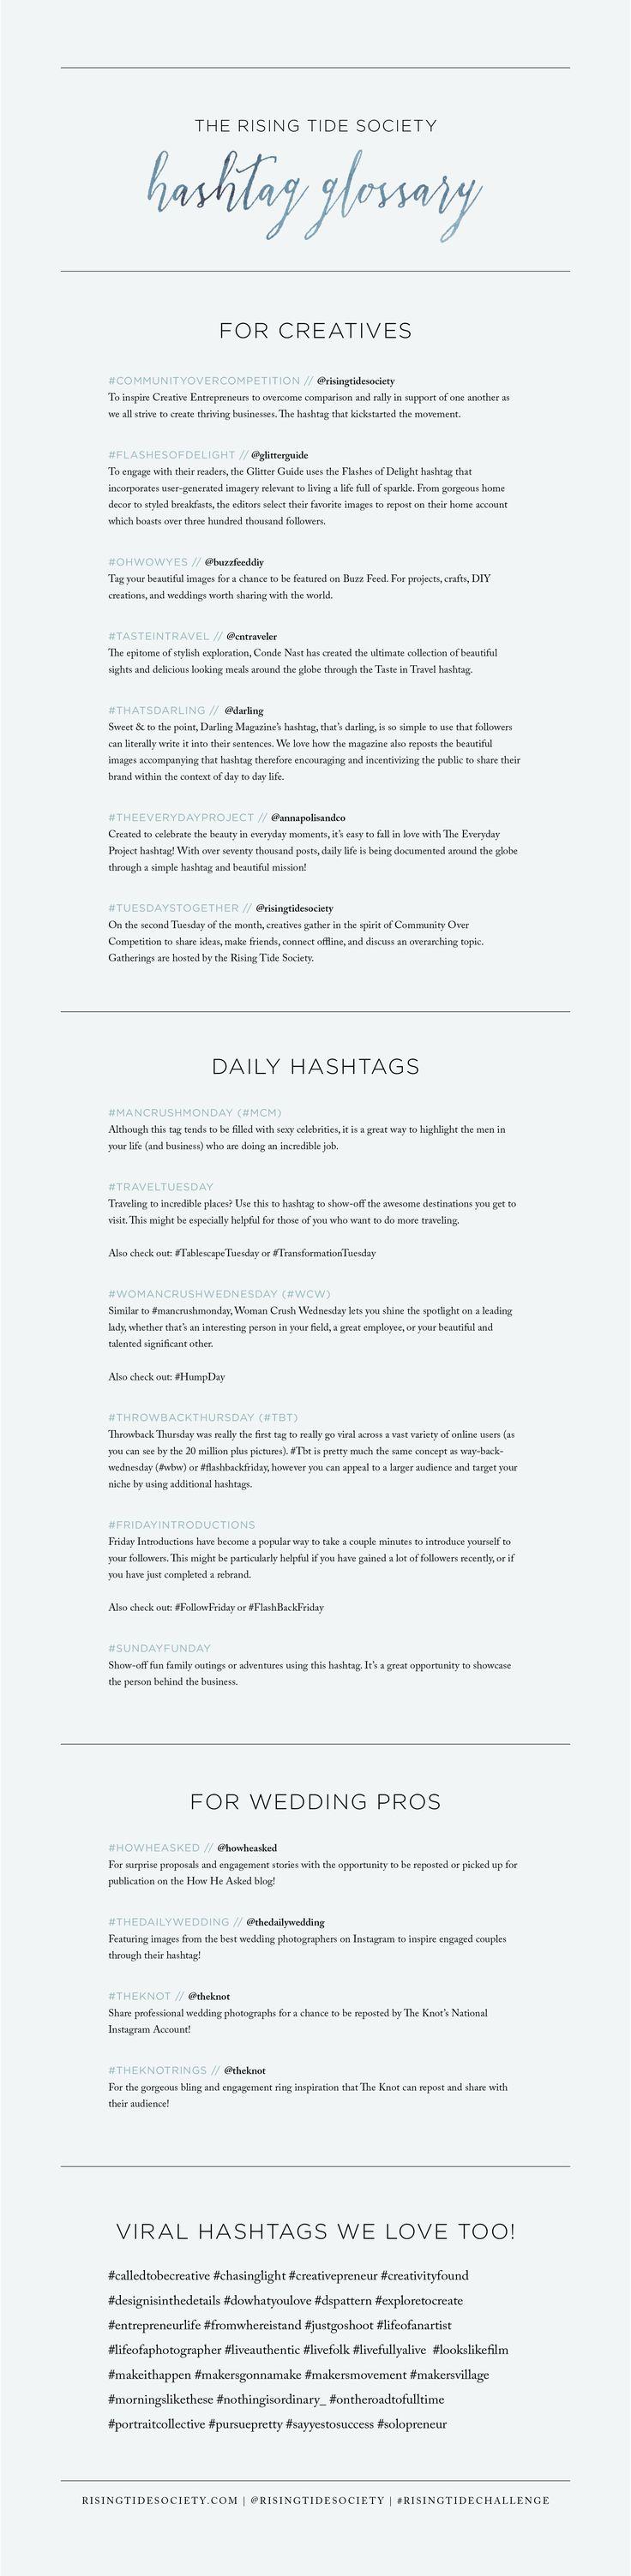 The Best Instagram Hashtags for Creative Entrepreneurs via The Rising Tide Society // #marketing #entrepreneurs #photographers